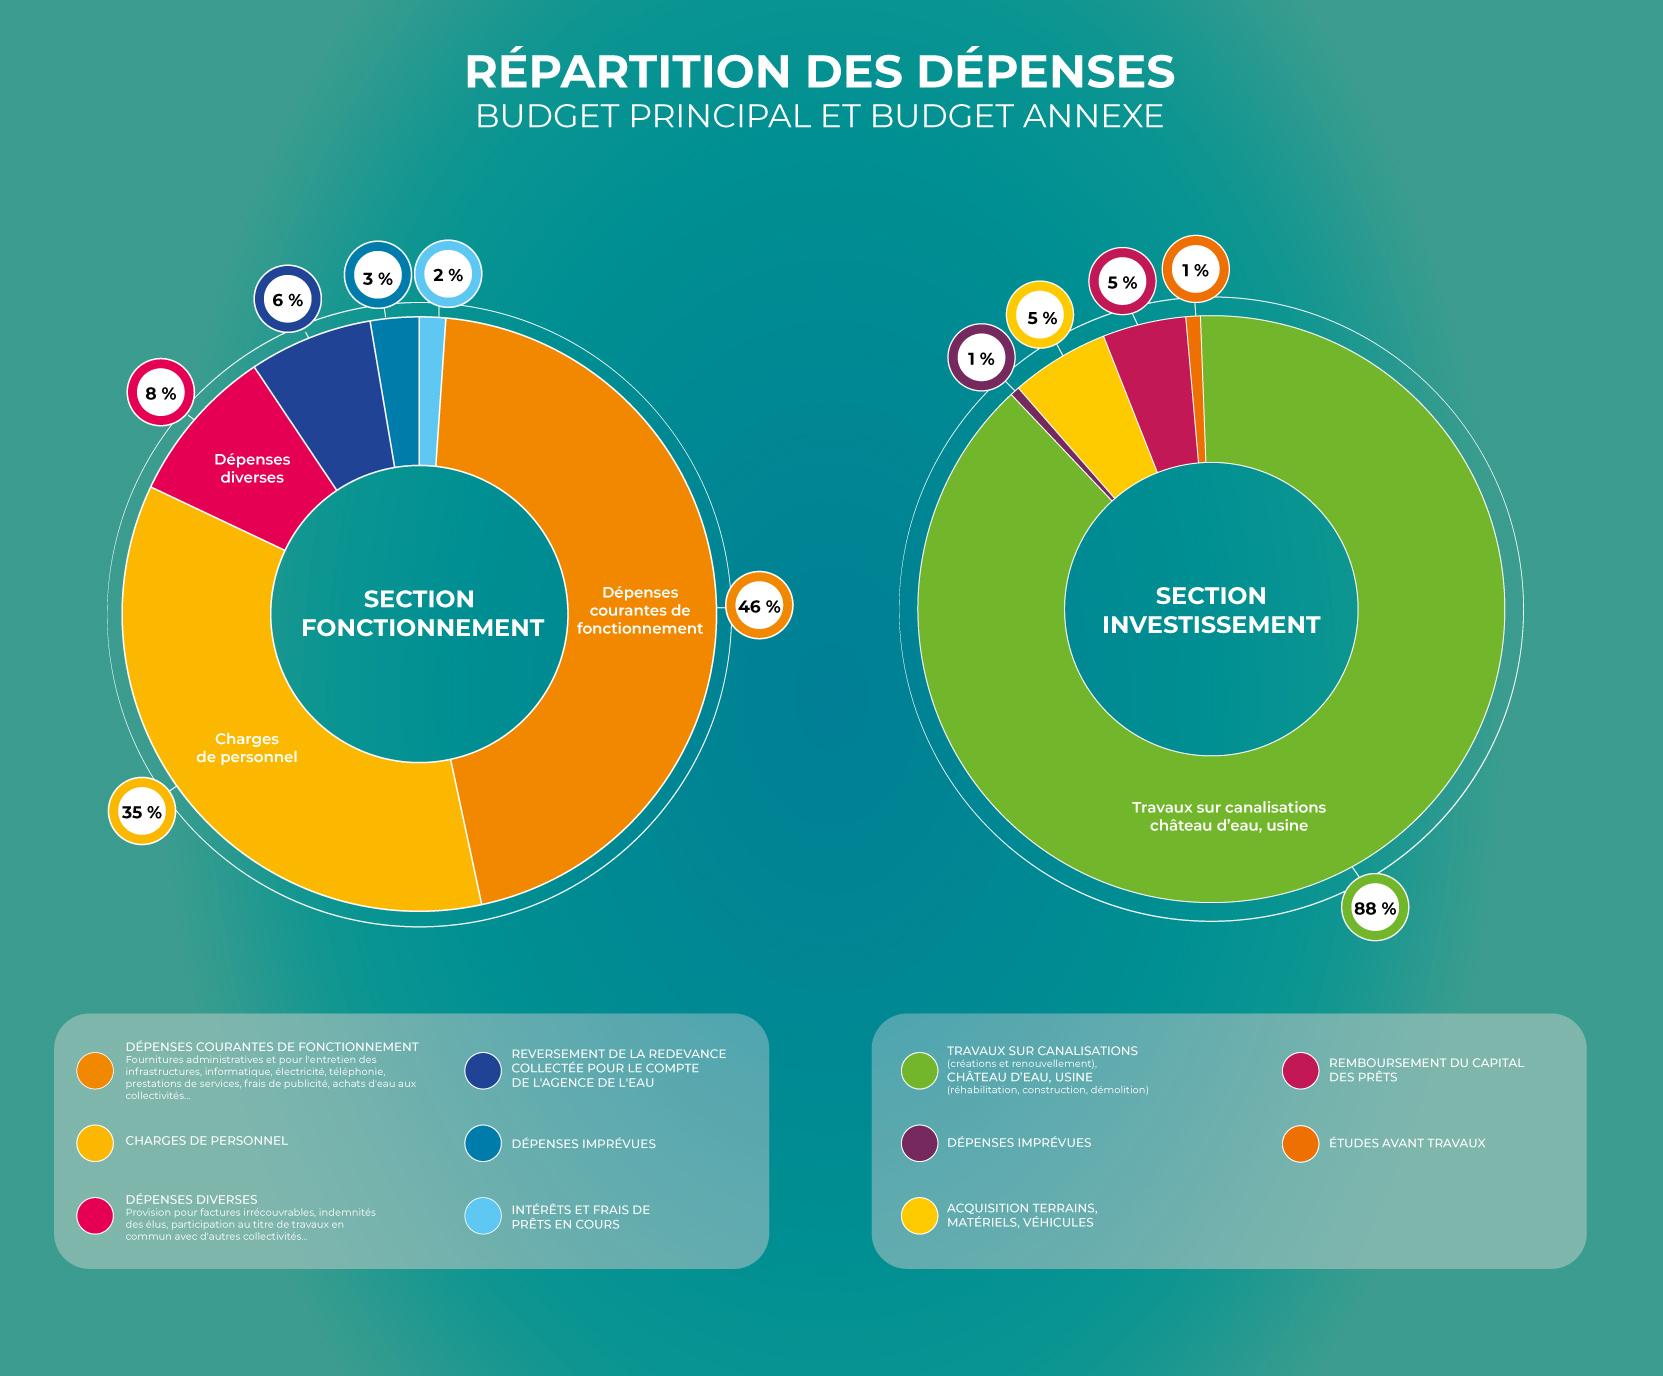 SEA-_Repartition-des-dépenses-web.jpg